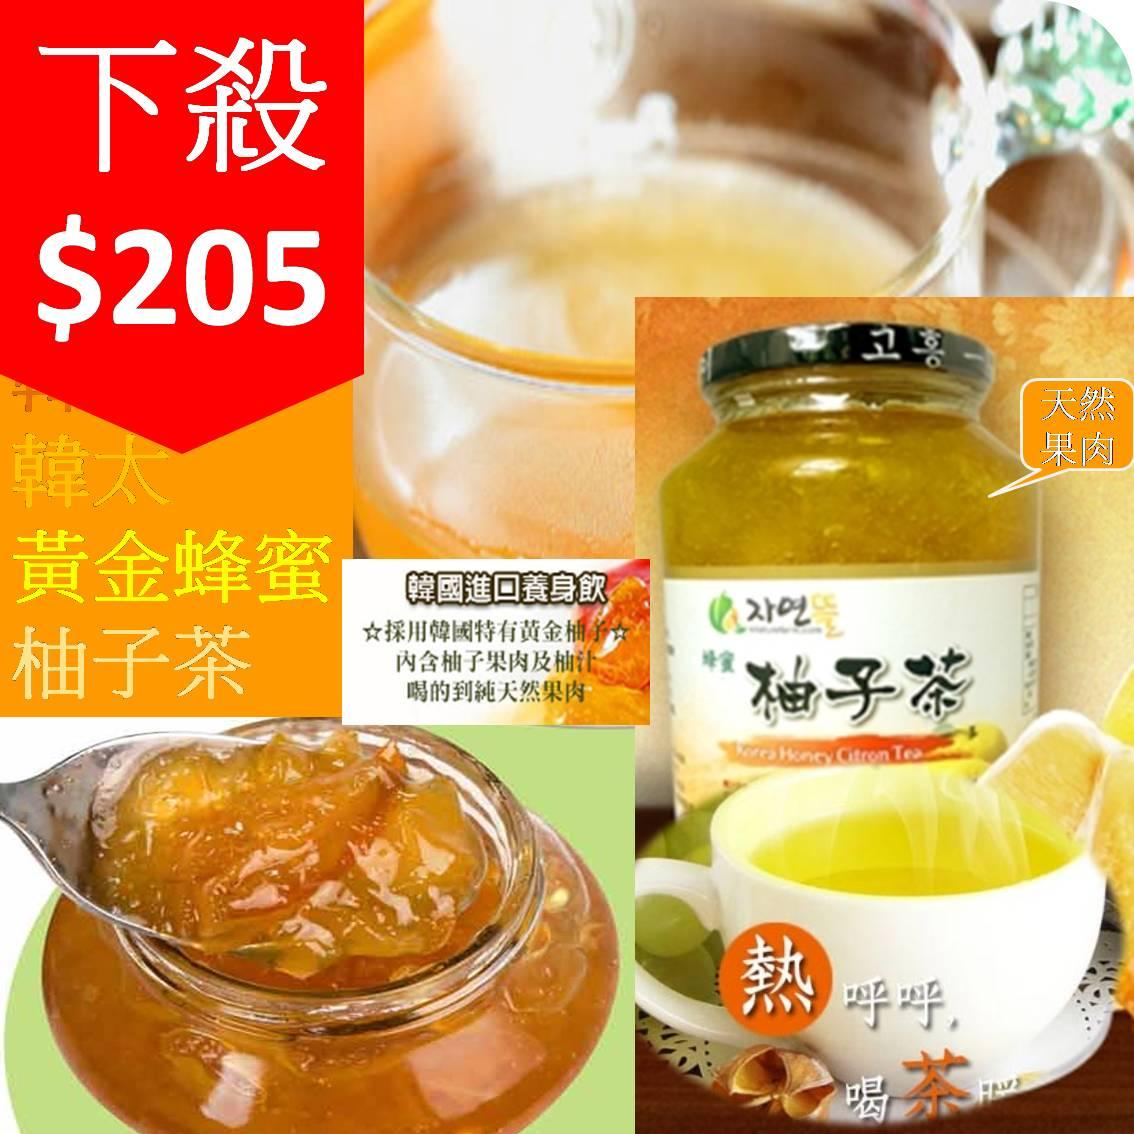 韓國黃金蜂蜜柚子茶 1kg,1罐入  【樂活生活館】